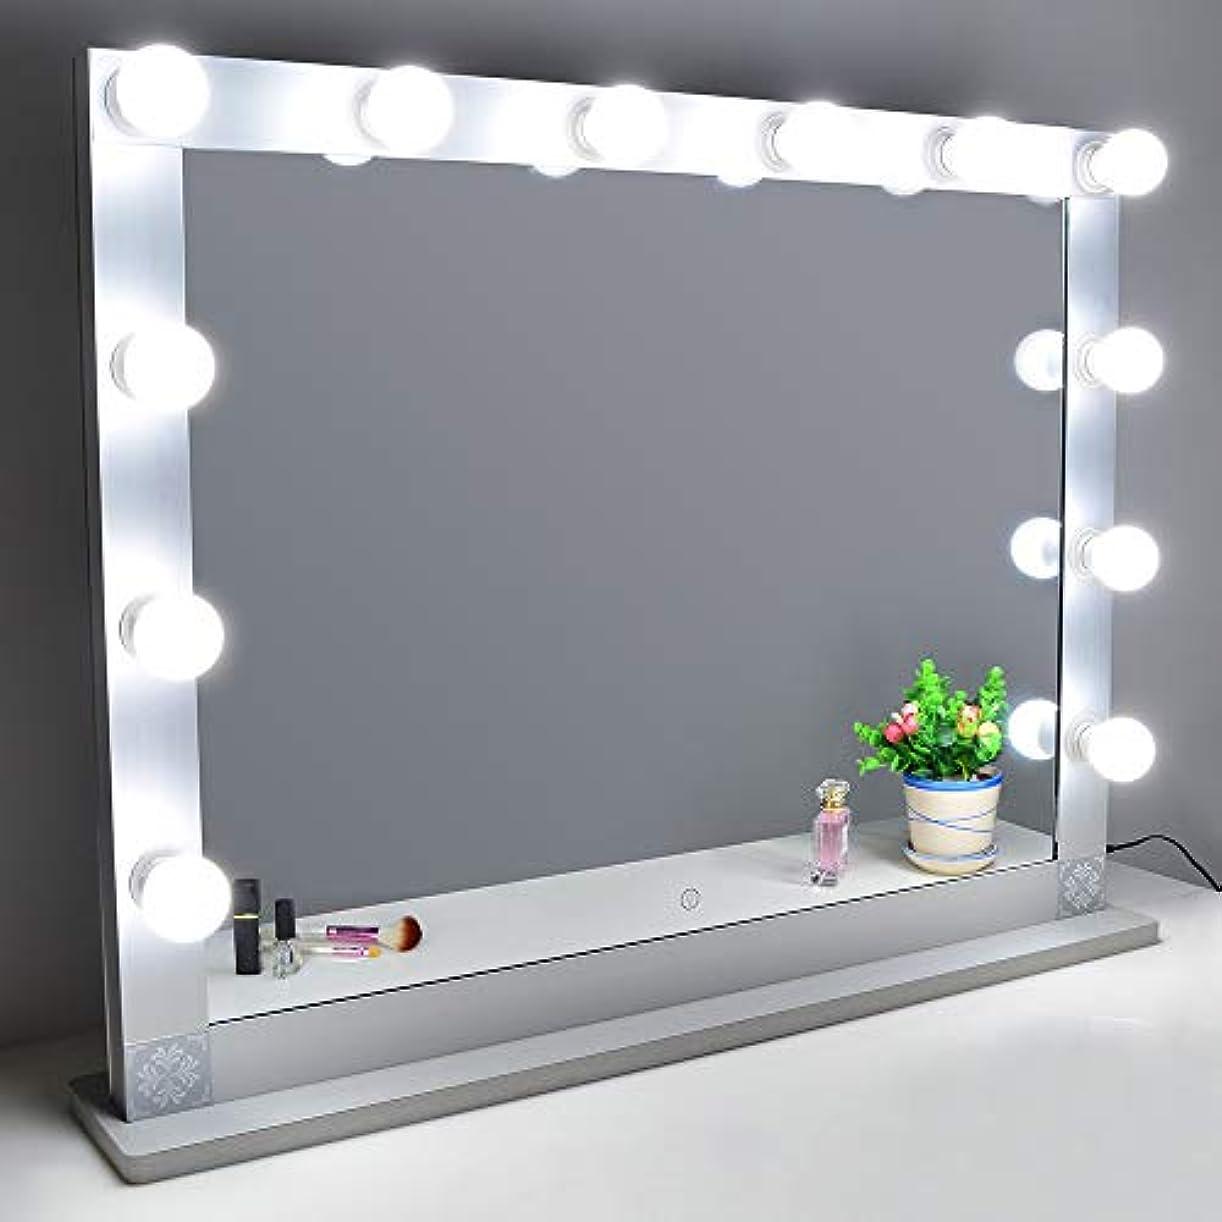 アロング居間耐えられるNitin 女優ミラー 大型化粧鏡 ハリウッドミラー 12個LED電球付き 無段階調光 スタンド付き USB差込口付き 卓上ミラー 女優ライト ドレッサー/化粧台に適用(85*66.5cm)